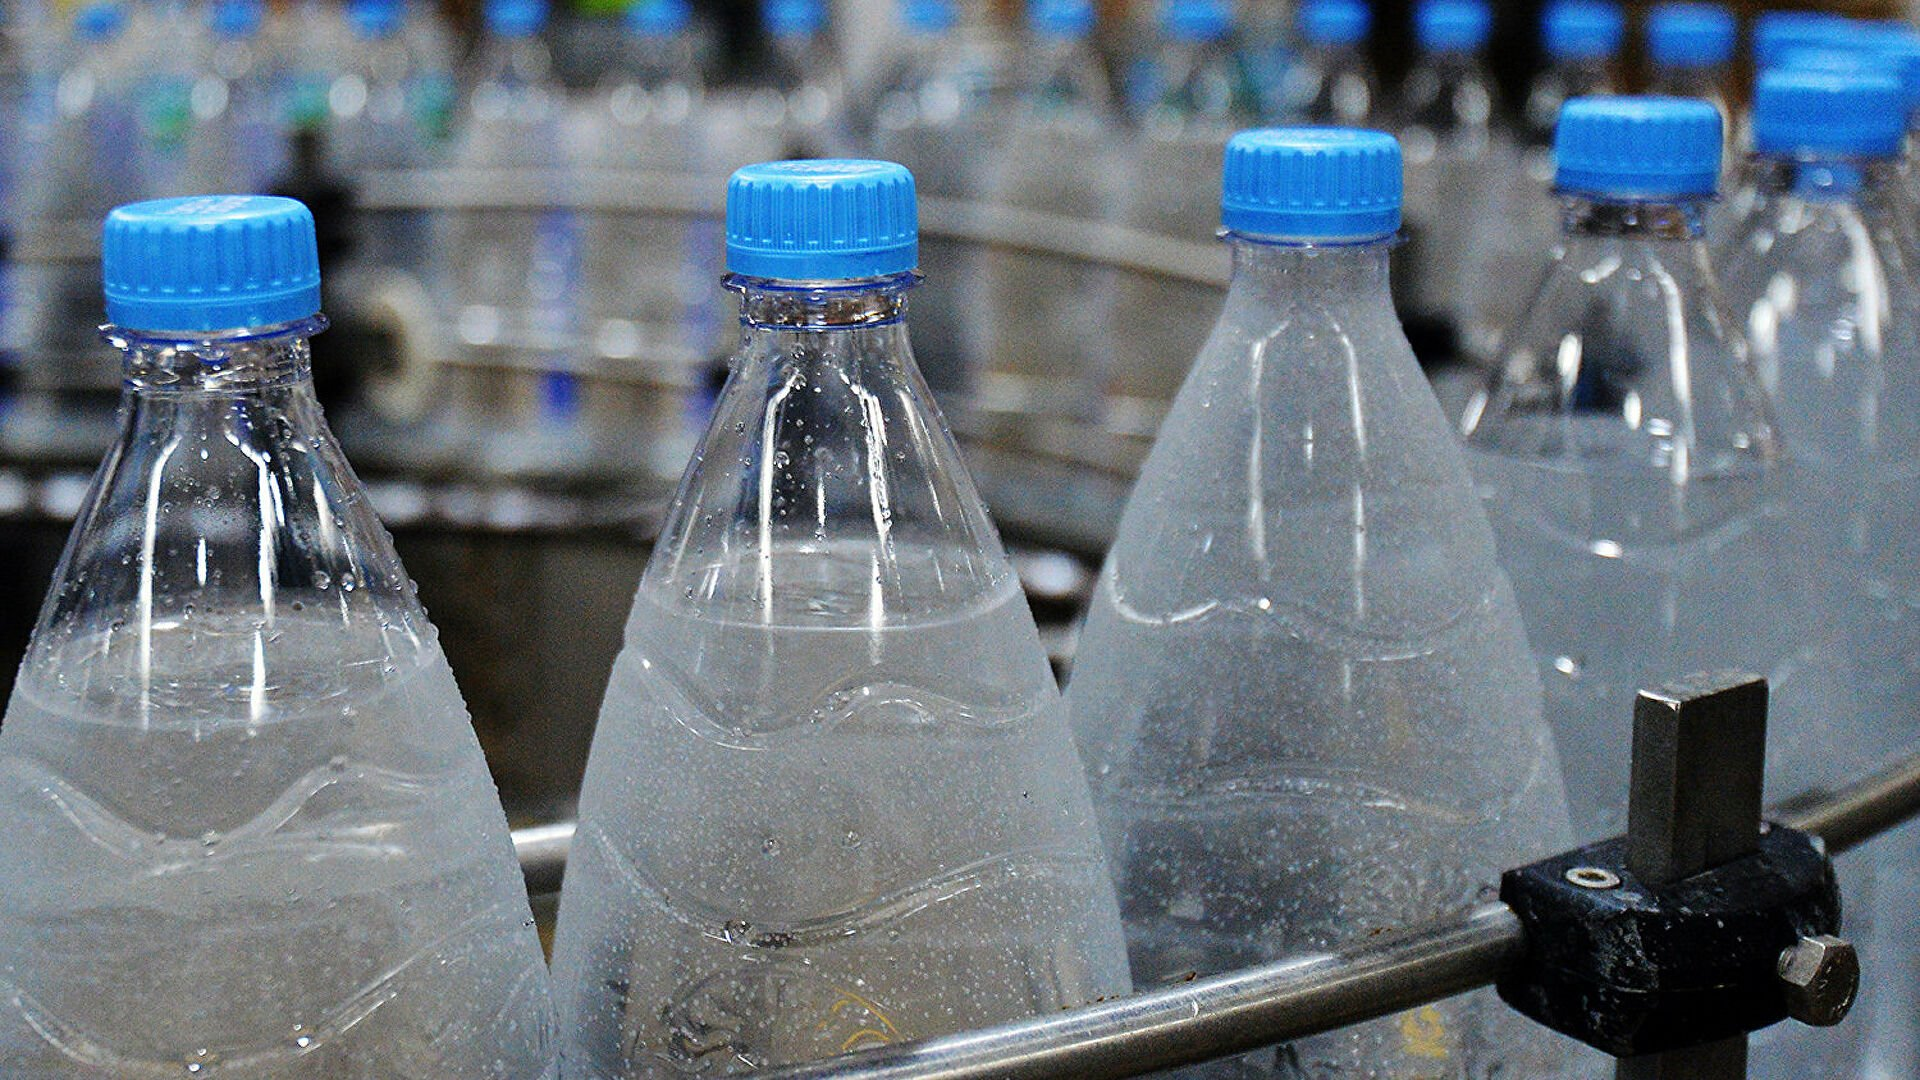 Токсичные химические вещества в кухонной посуде загрязнили питьевую воду для миллионов